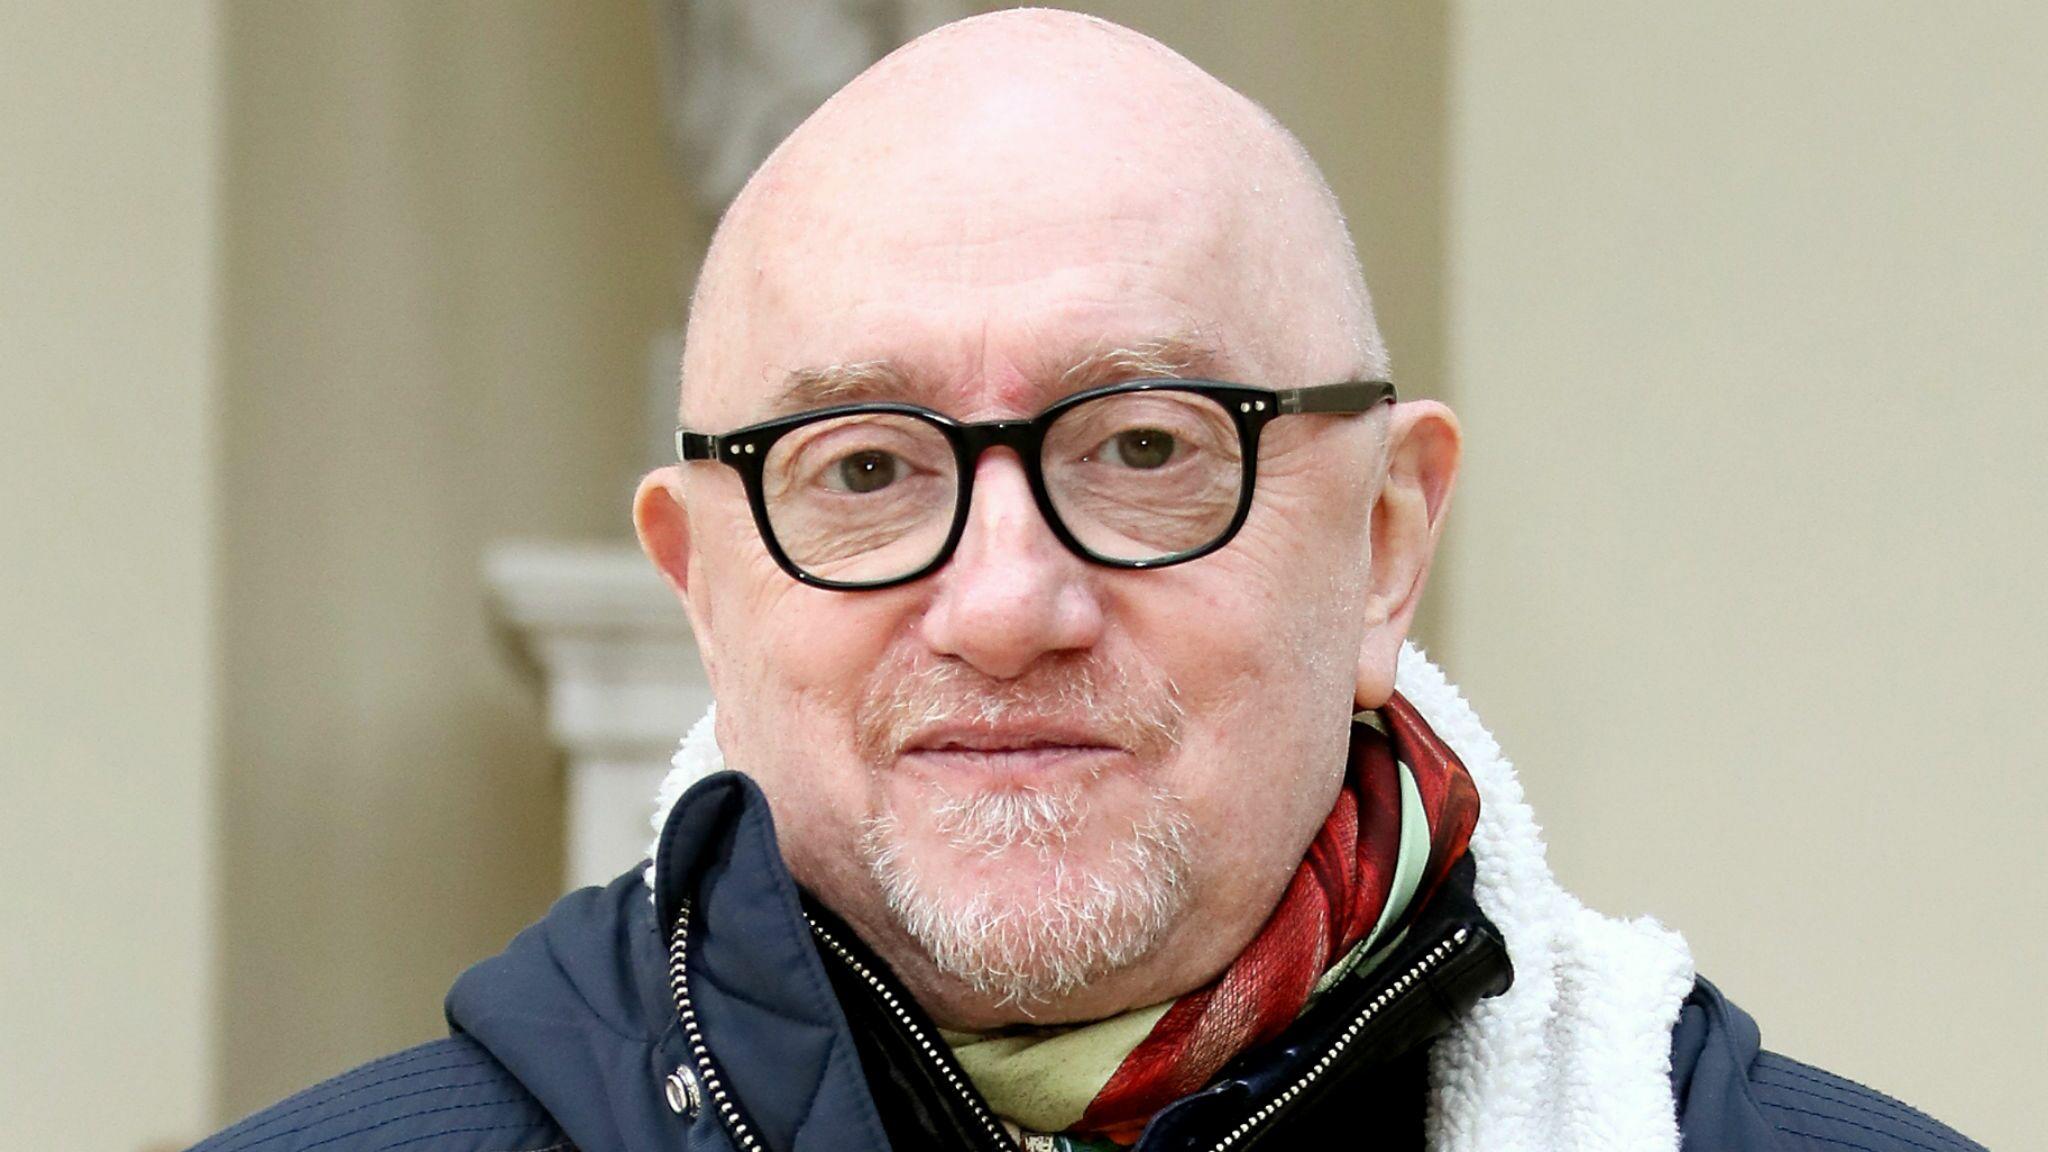 Michel Blanc : ce terrible drame familial qu'il a dû surmonter sur le tournage de son dernier film